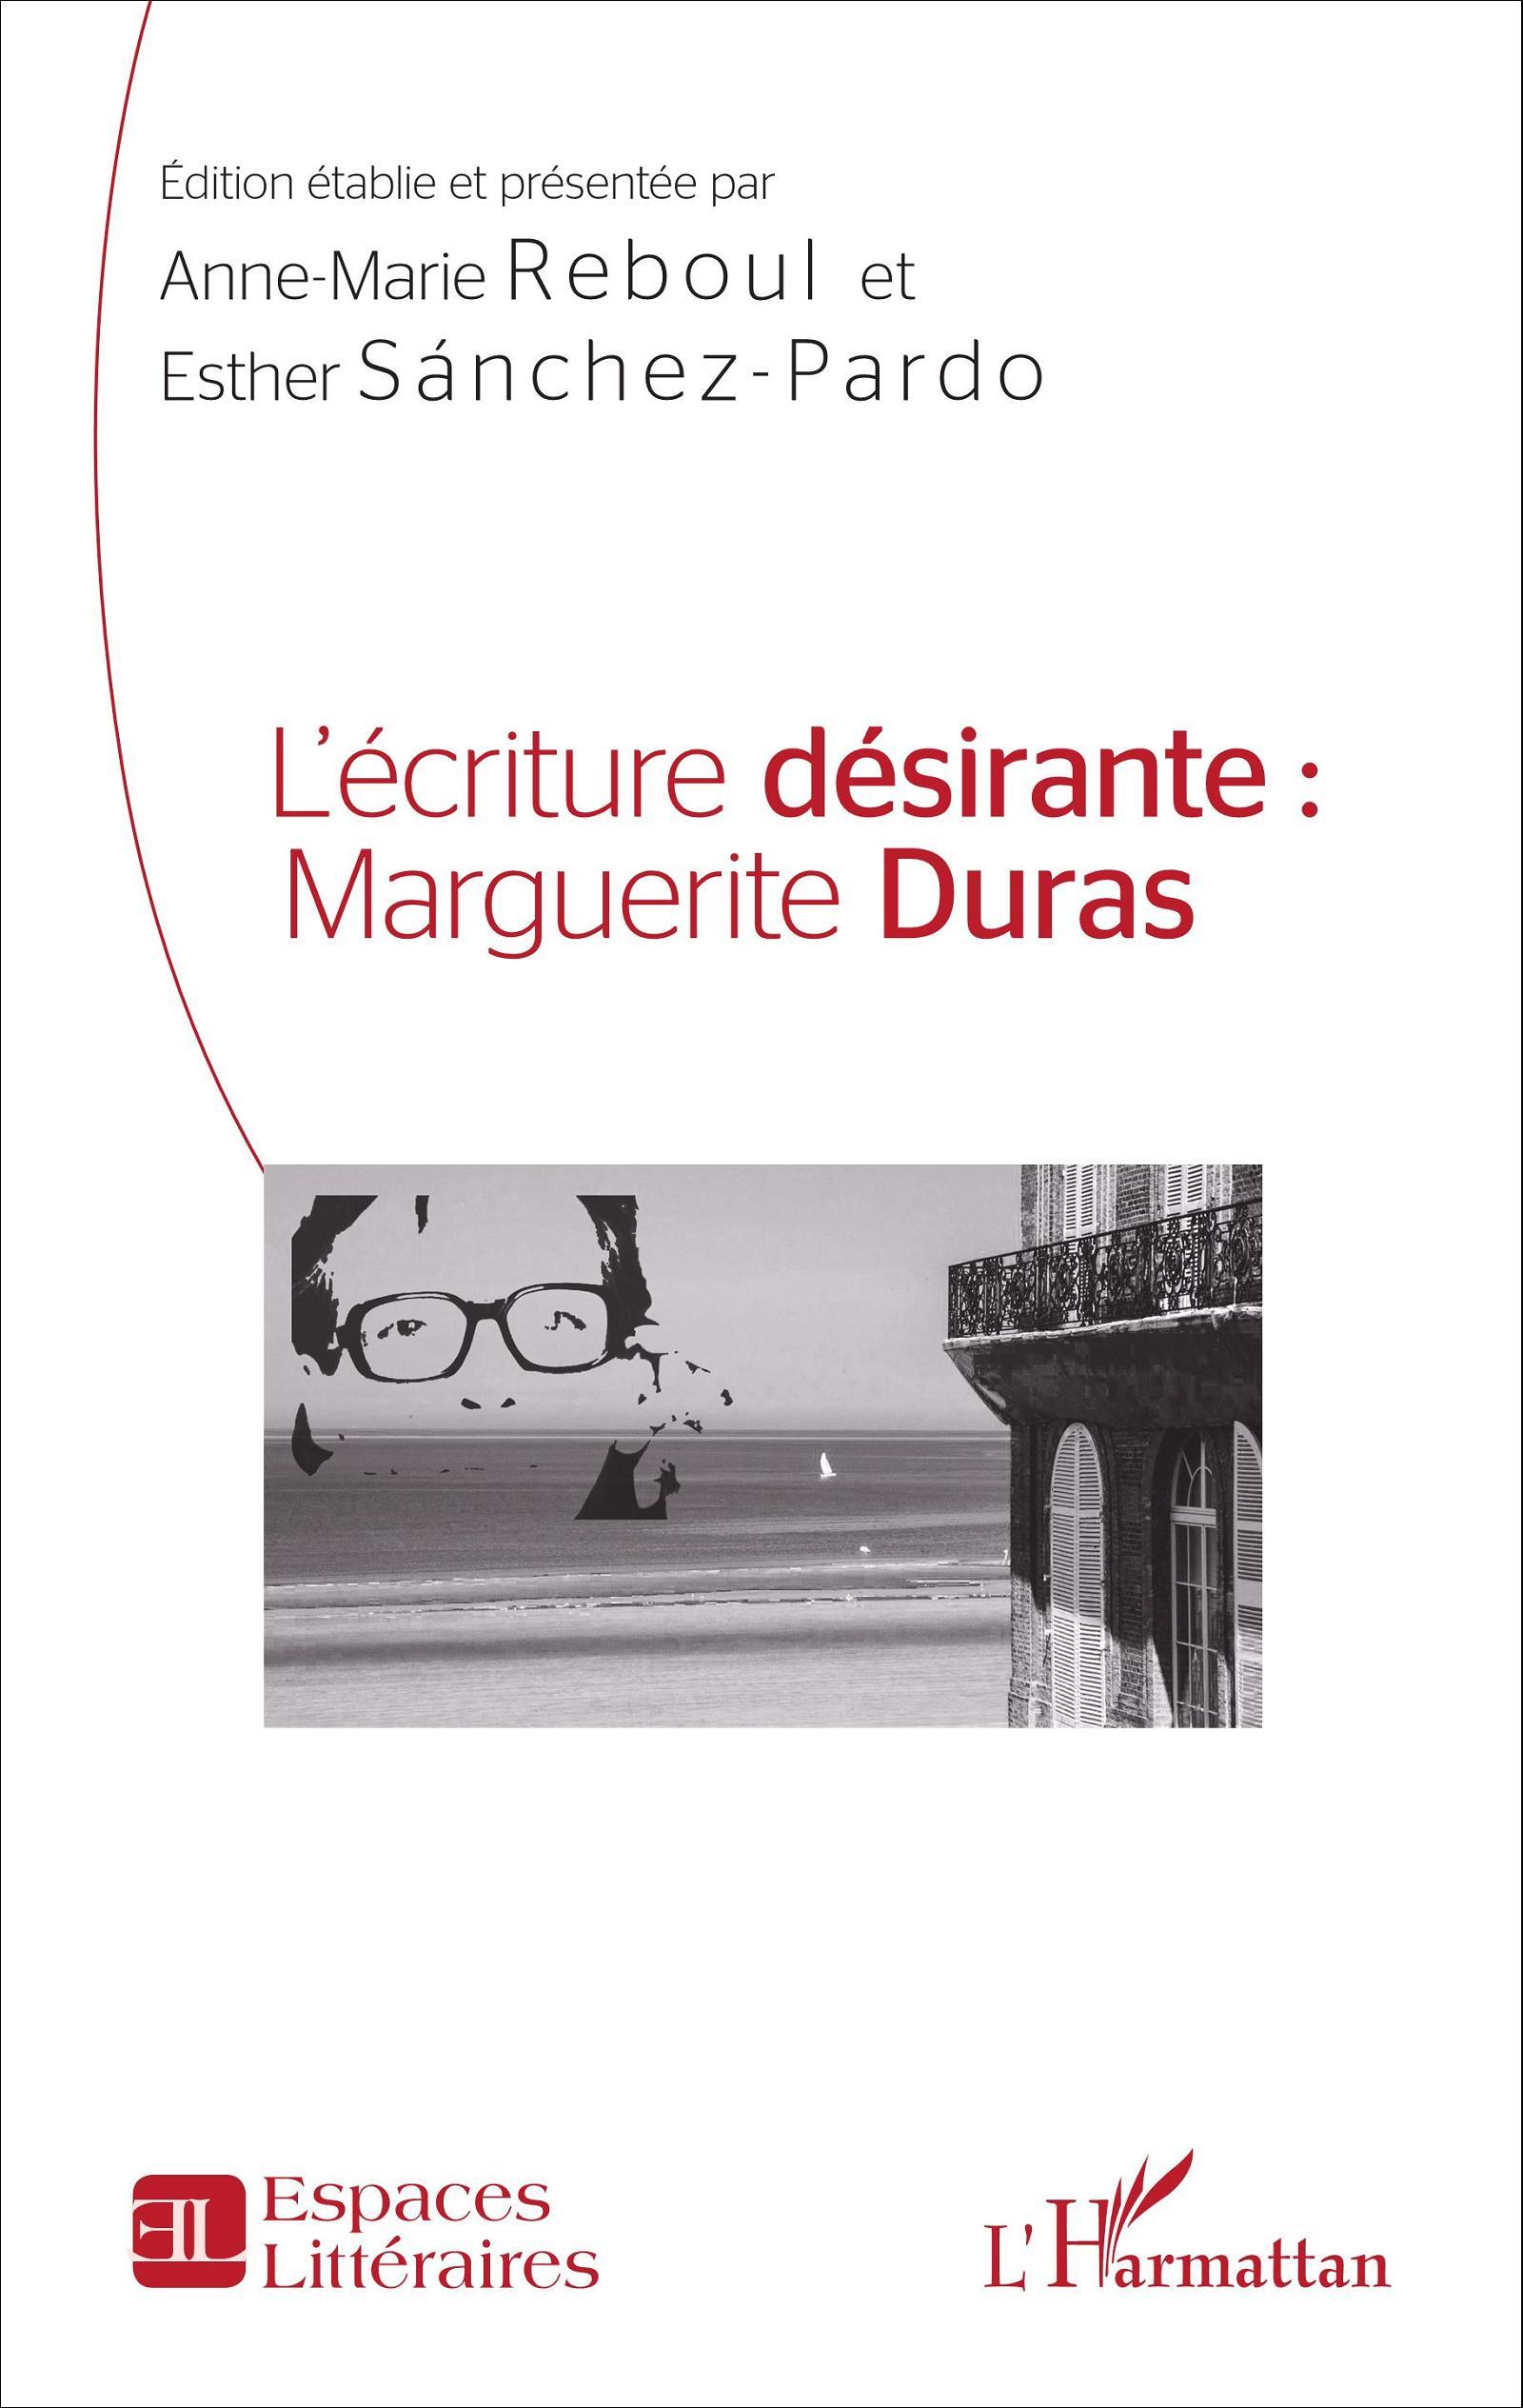 A.-M. Reboul et E. Sánchez-Pardo, L'écriture désirante : Marguerite Duras